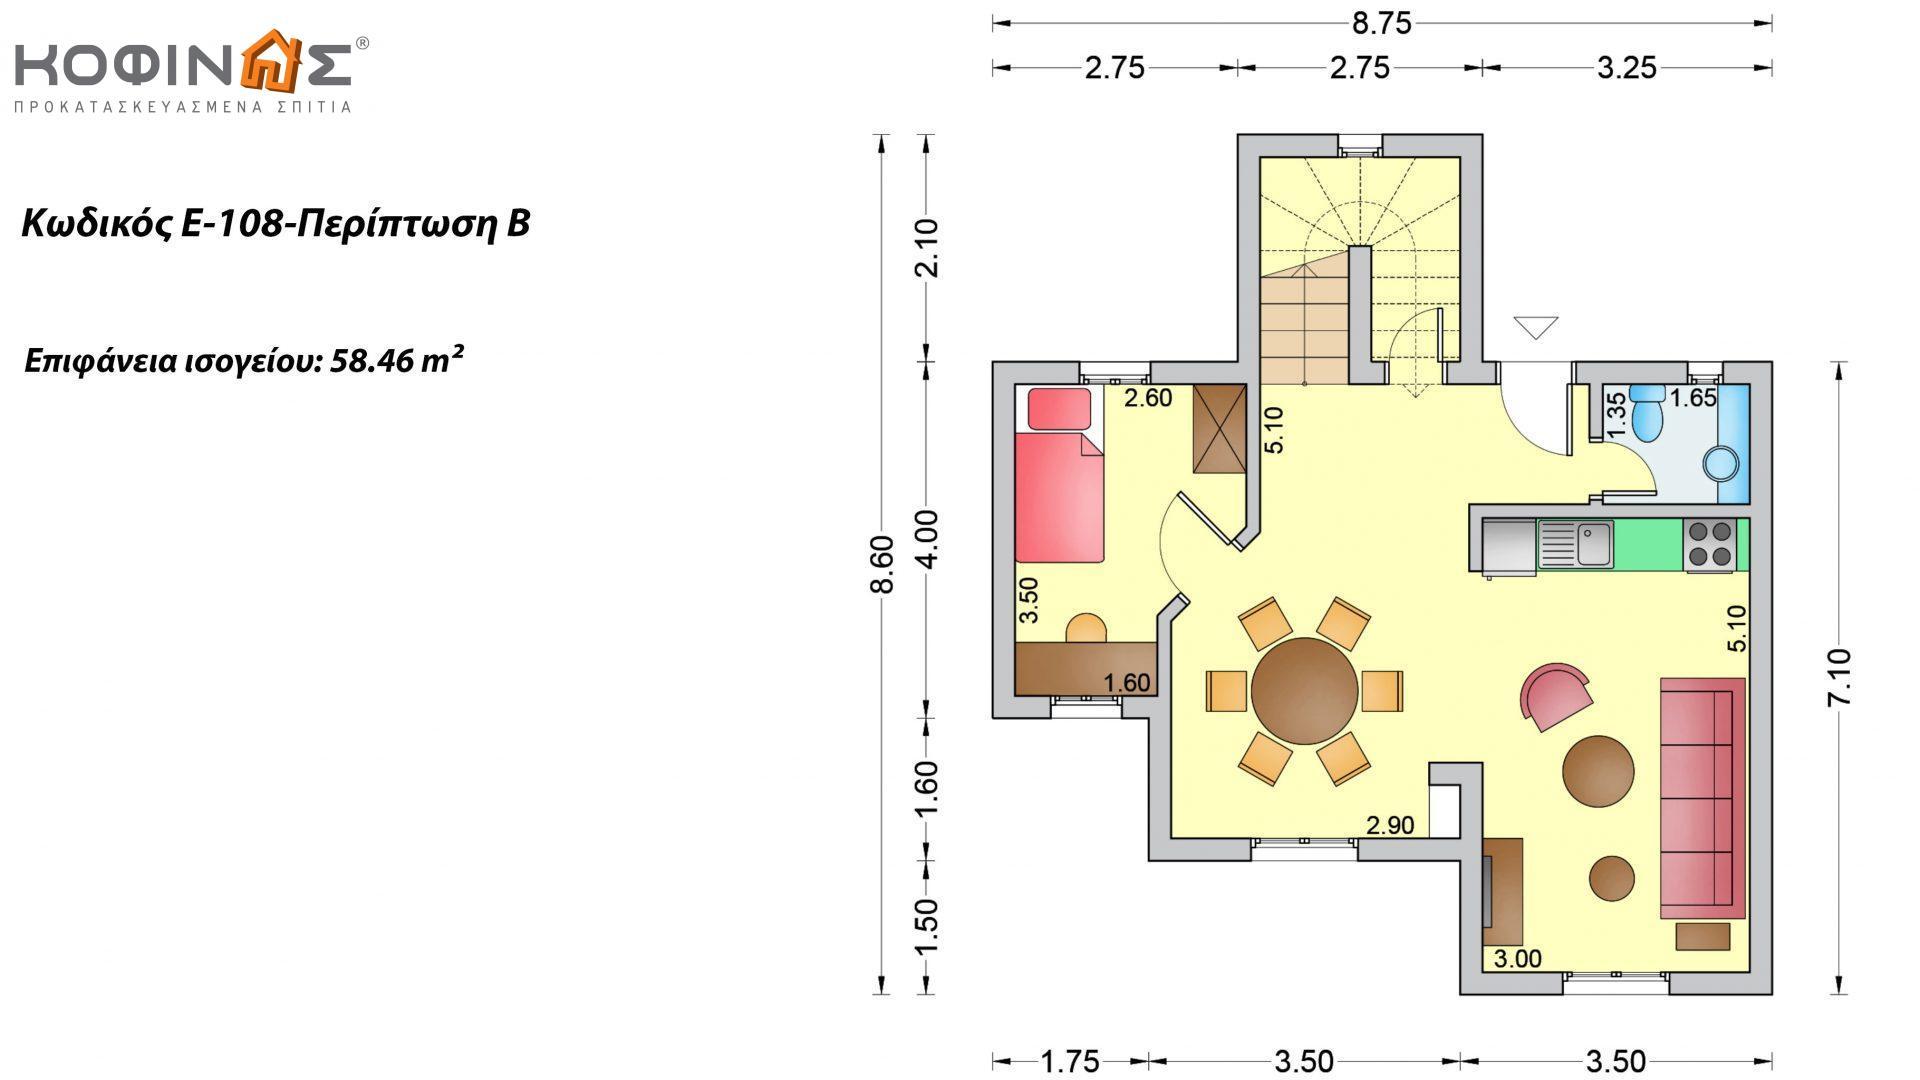 Διώροφη Κατοικία E-108, συνολικής επιφάνειας 108,07 τ.μ.